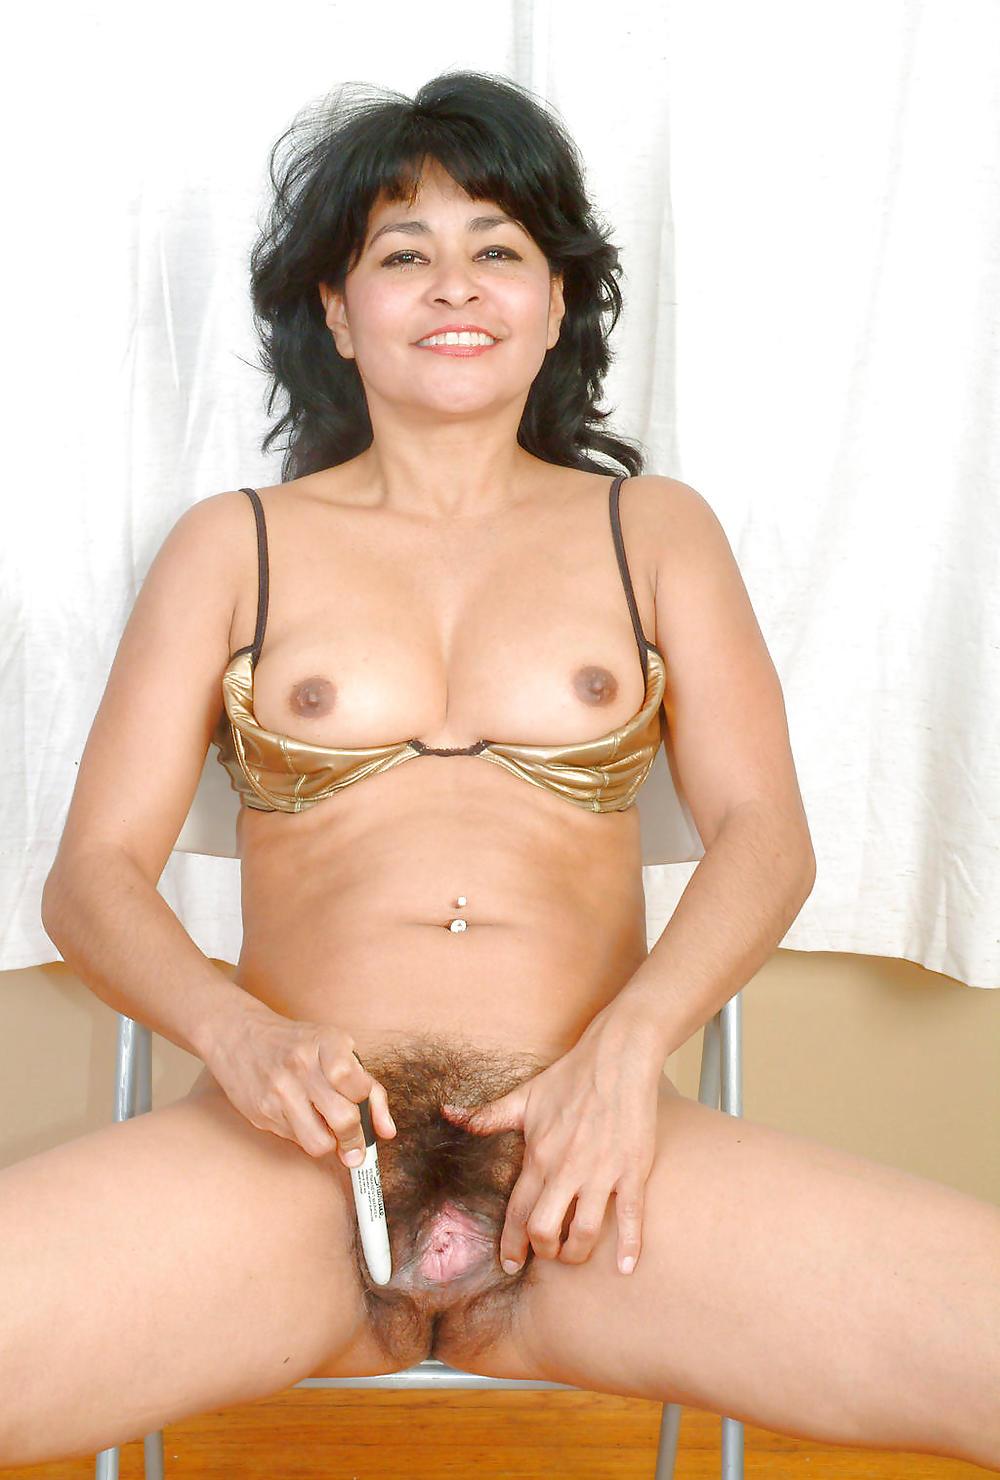 Hairy Latina Avery - 48 Pics  Xhamster-1669